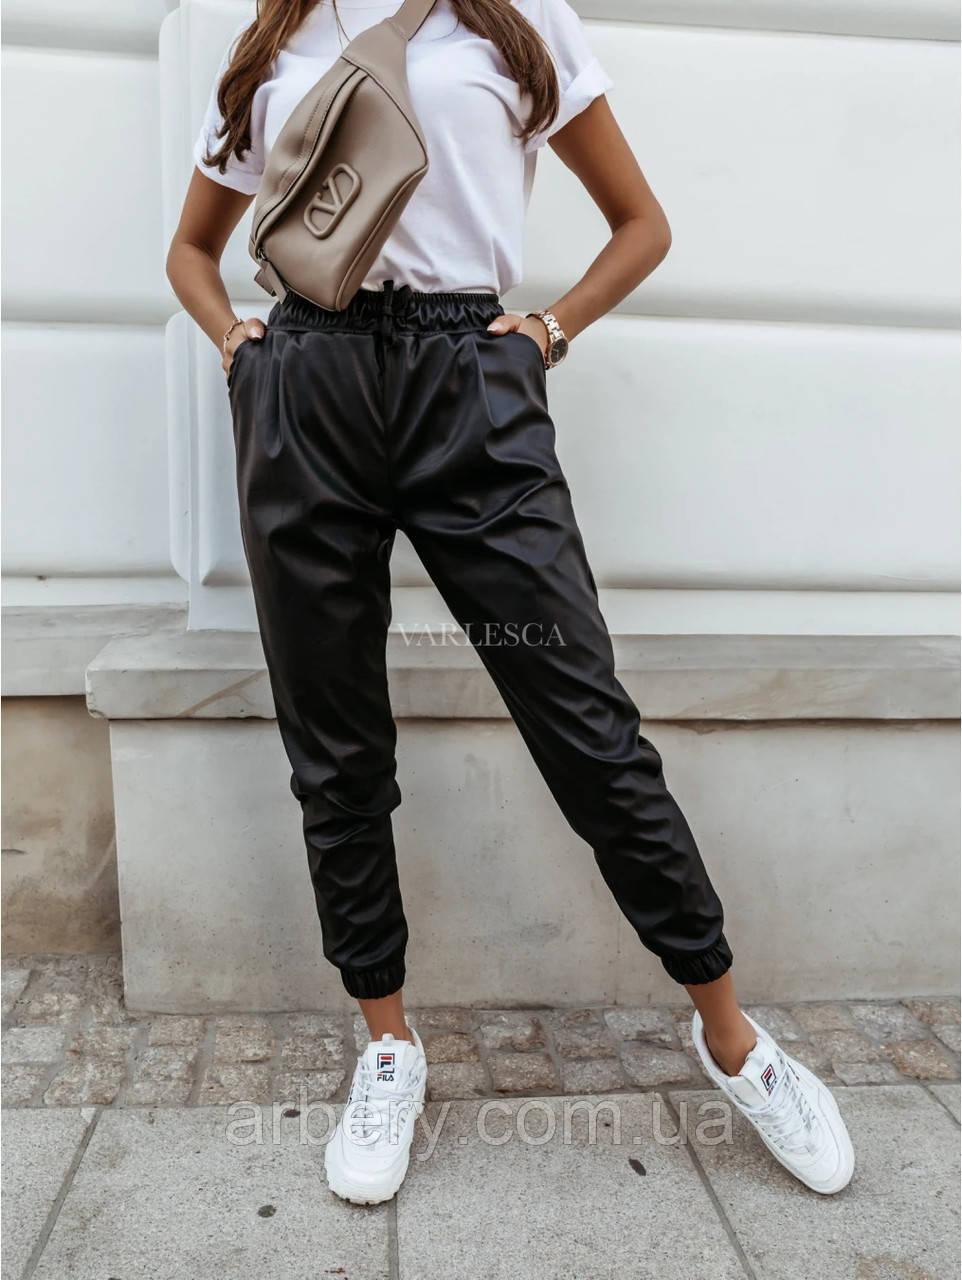 Женские кожаные брюки-джогеры